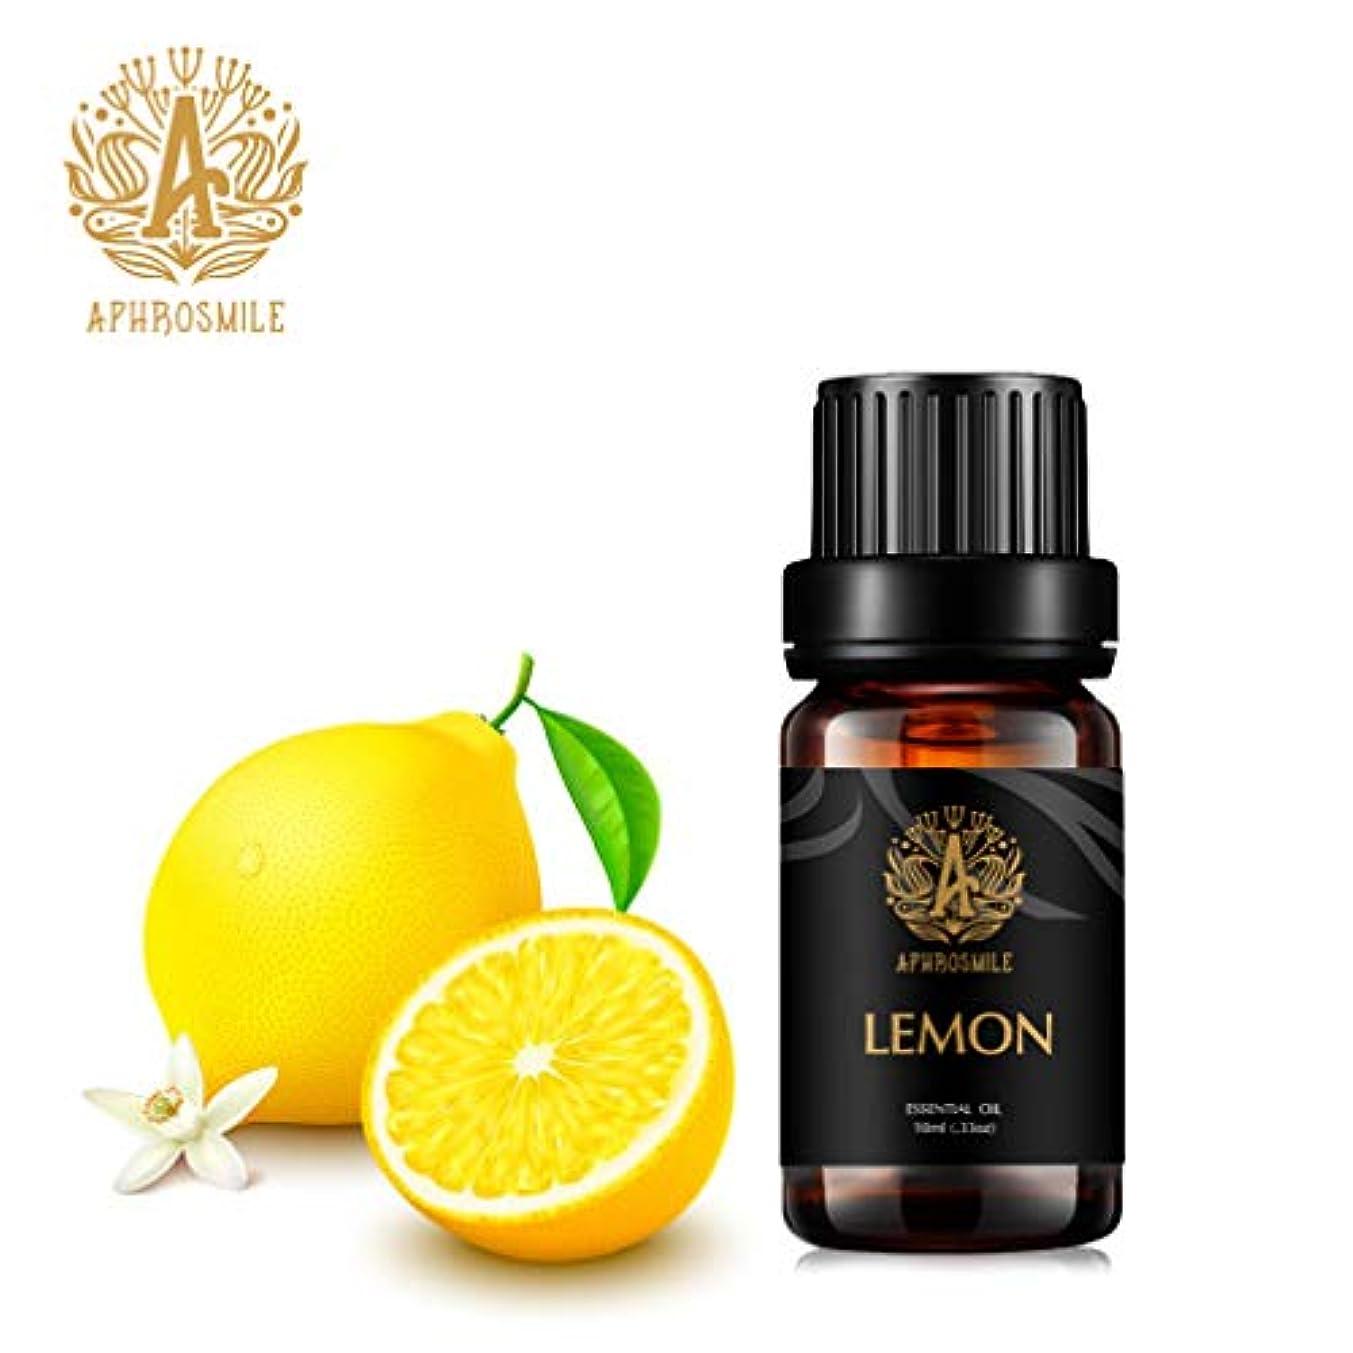 舞い上がる機械的時刻表レモン精油、100%純粋なアロマセラピーエッセンシャルオイルレモンの香り、クレンジングとし、空気を浄化します、治療用グレードエッセンシャルオイルレモンの香り為にディフューザー、マッサージ、加湿器、デイリーケア、0.33オンス...